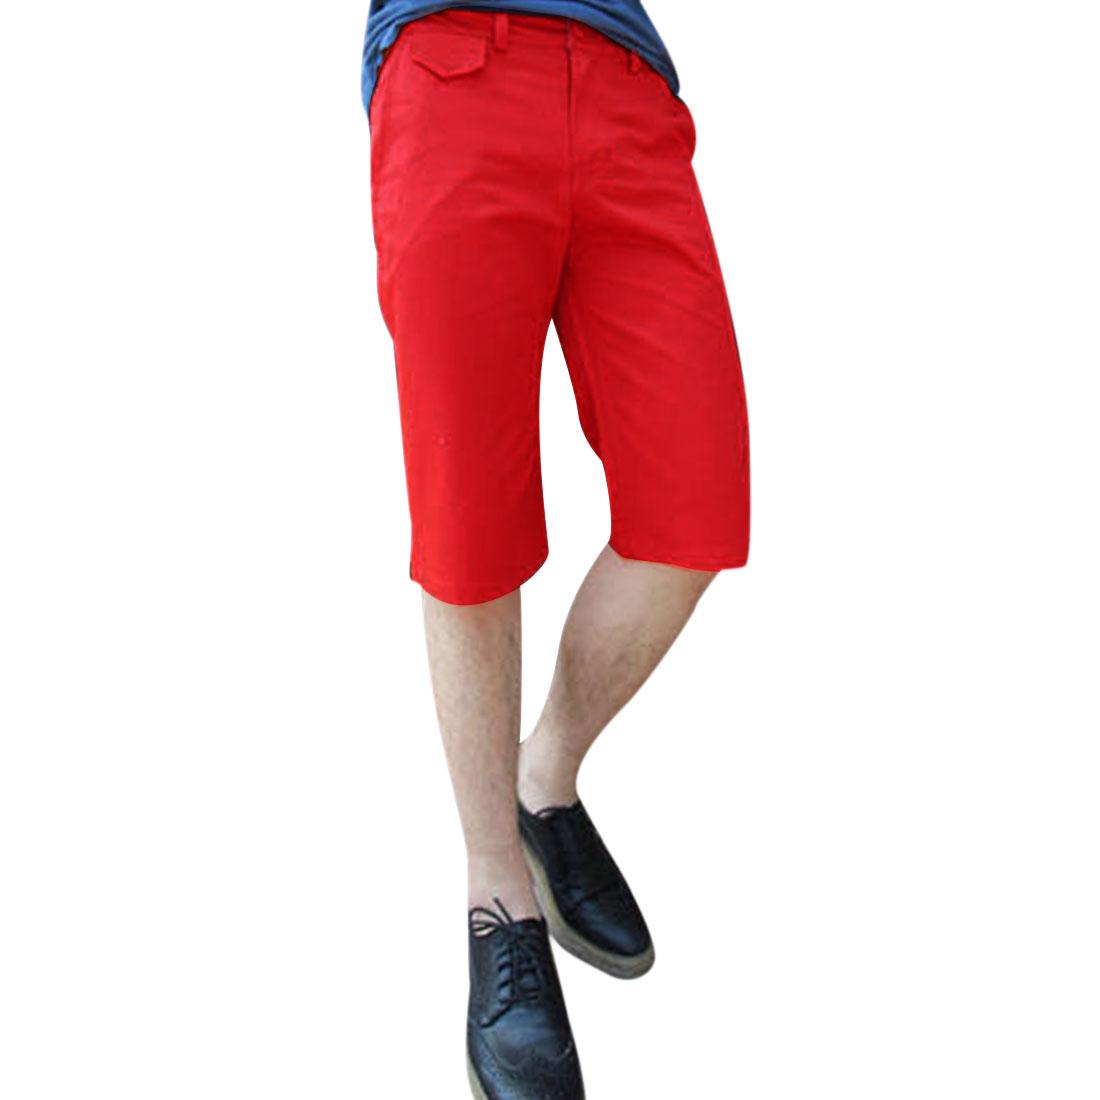 Men Zipper Fly Waistband Loop Hip Pockets Short Pants Red W34